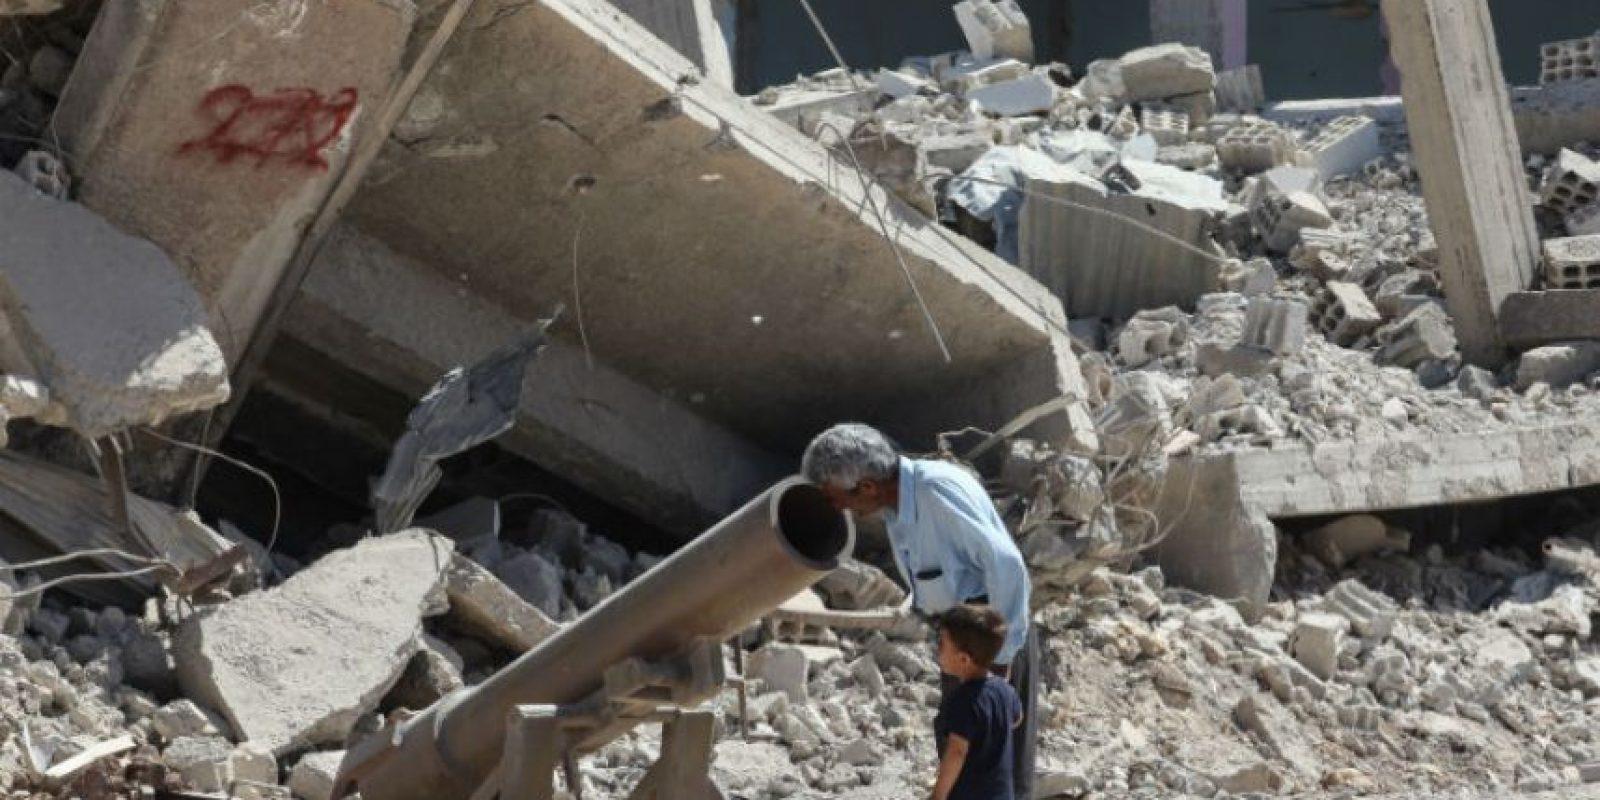 Al ataque al que sobrevivió Rami Abdulrahman dejó al menos 117 muertos, incluyendo 16 niños y siete mujeres activistas. Foto:Getty Images